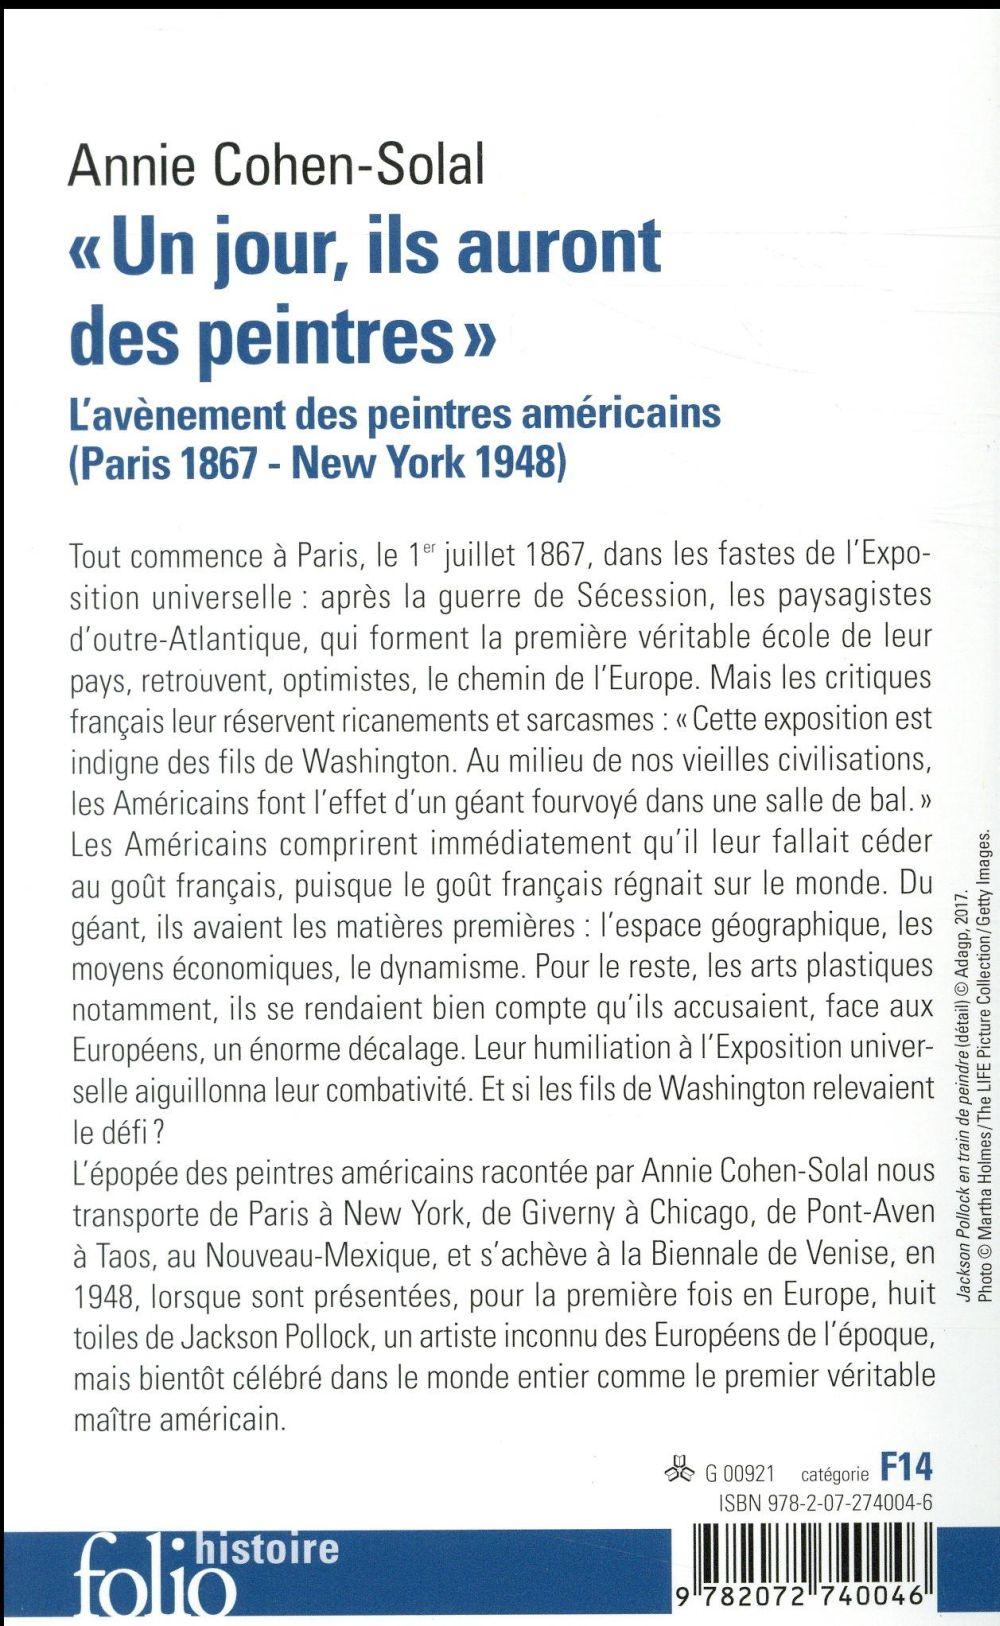 Un jour, ils auront des peintres ; l'avènement des peintures américains (Paris 1867-New York 1948)